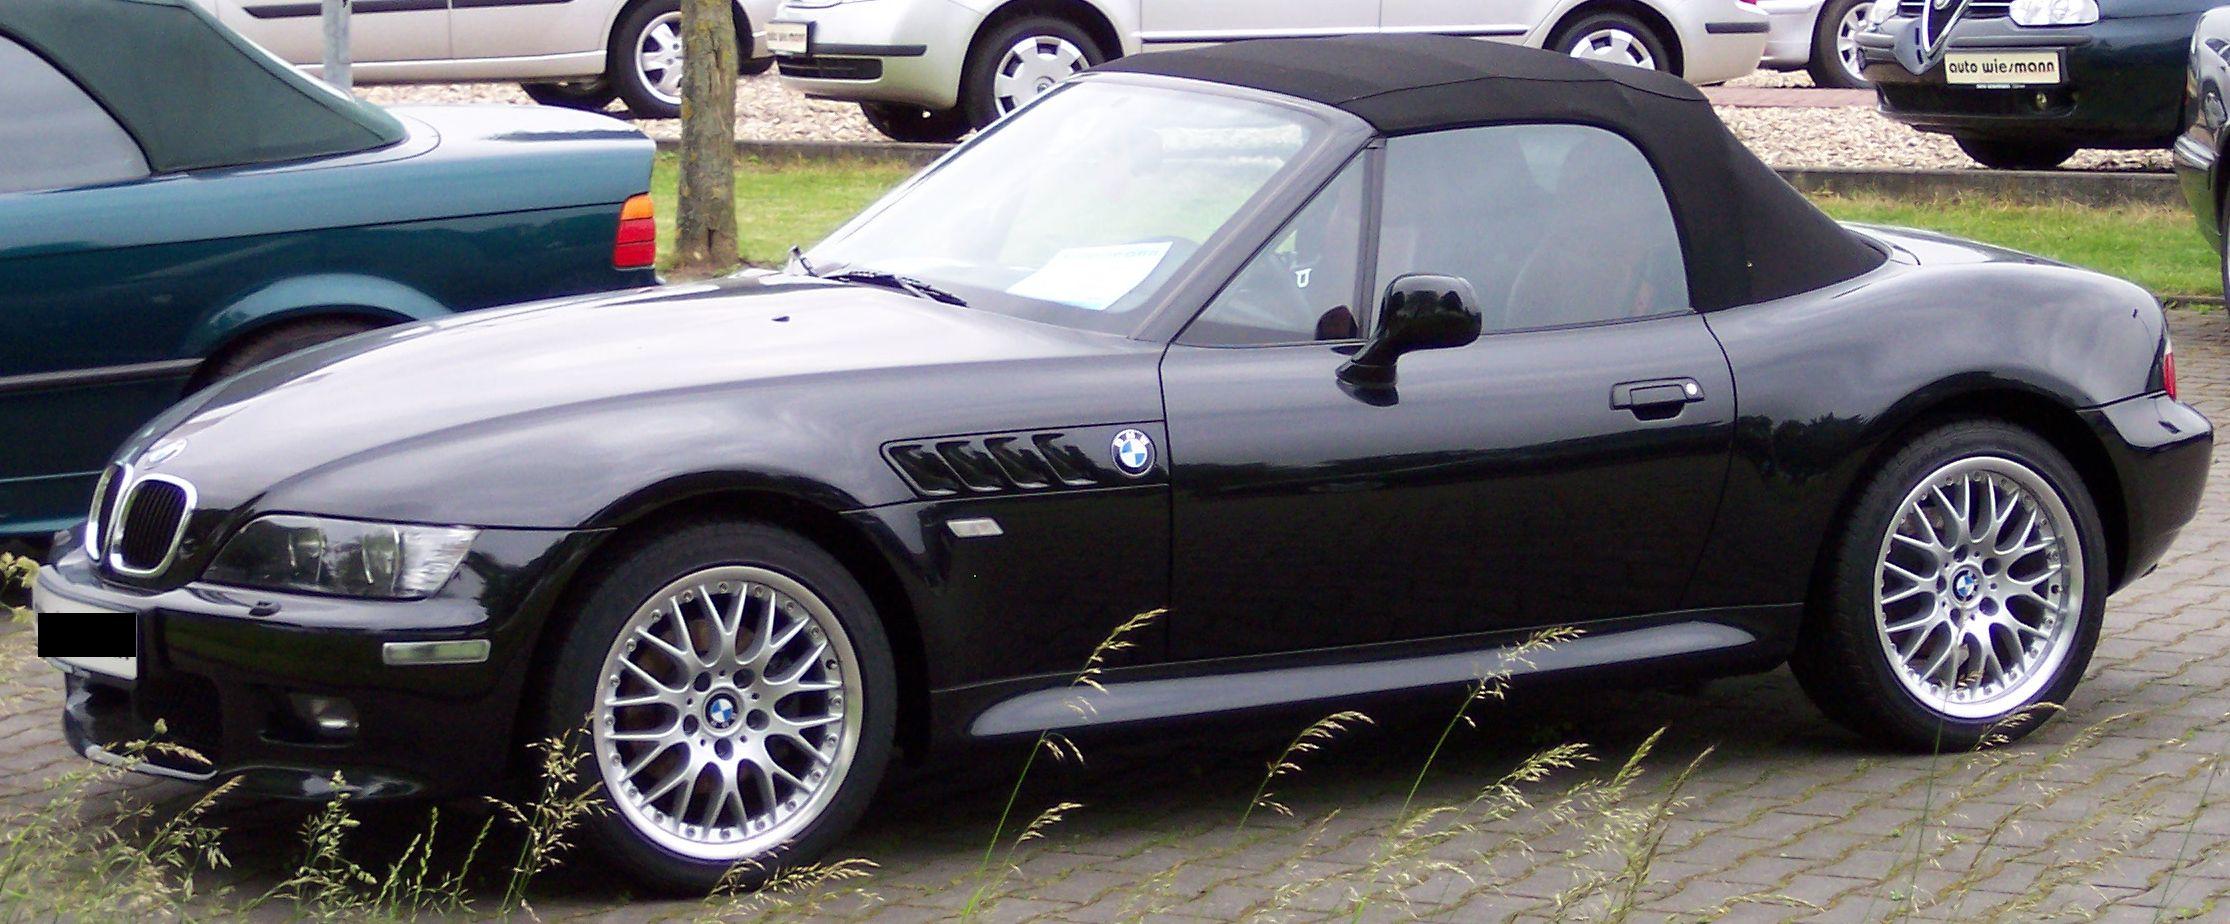 bilmodel.dk » BMW Z serie Z3